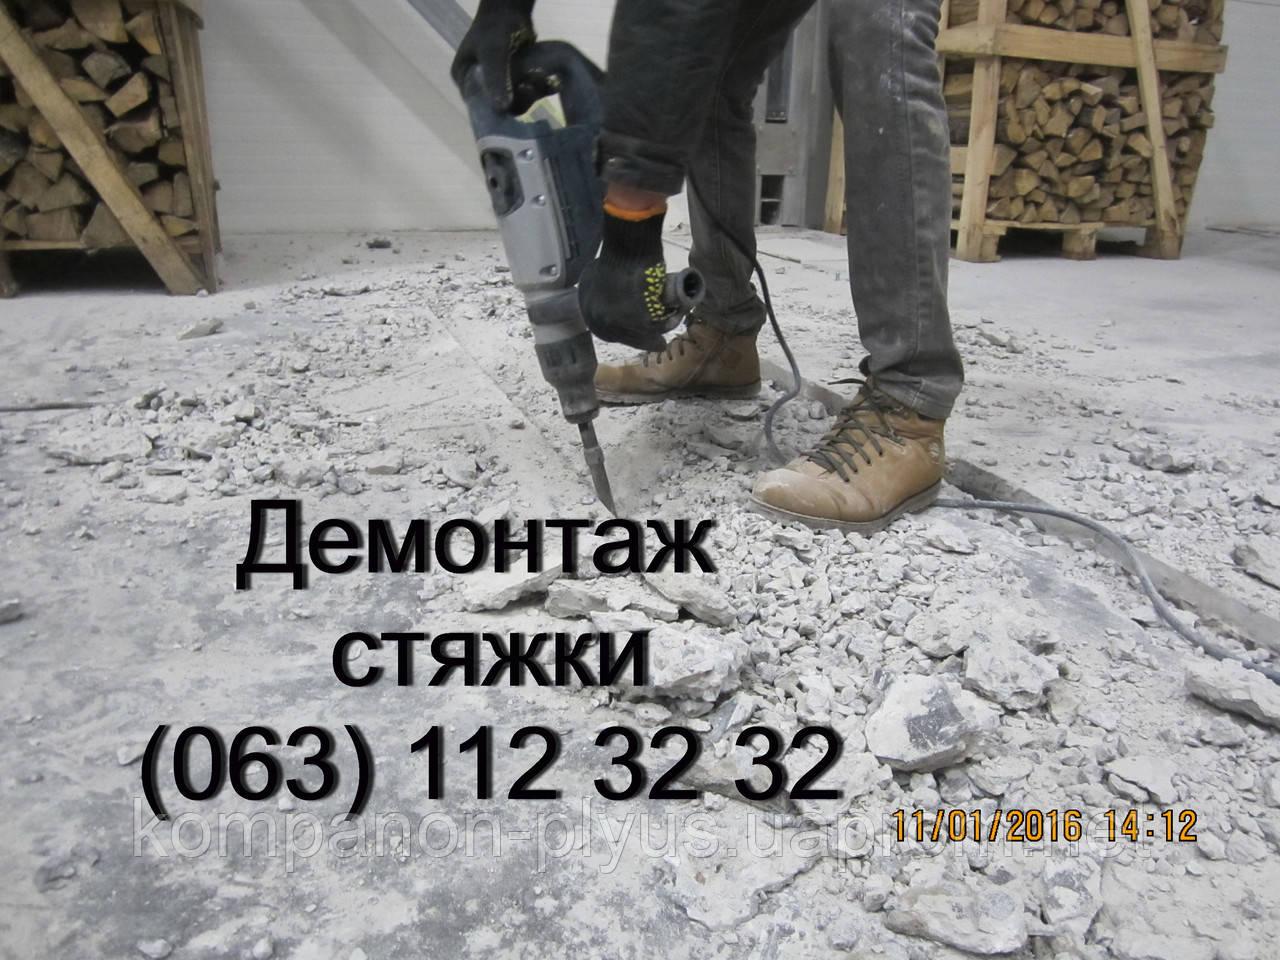 Демонтаж стяжки (063) 112 32 32